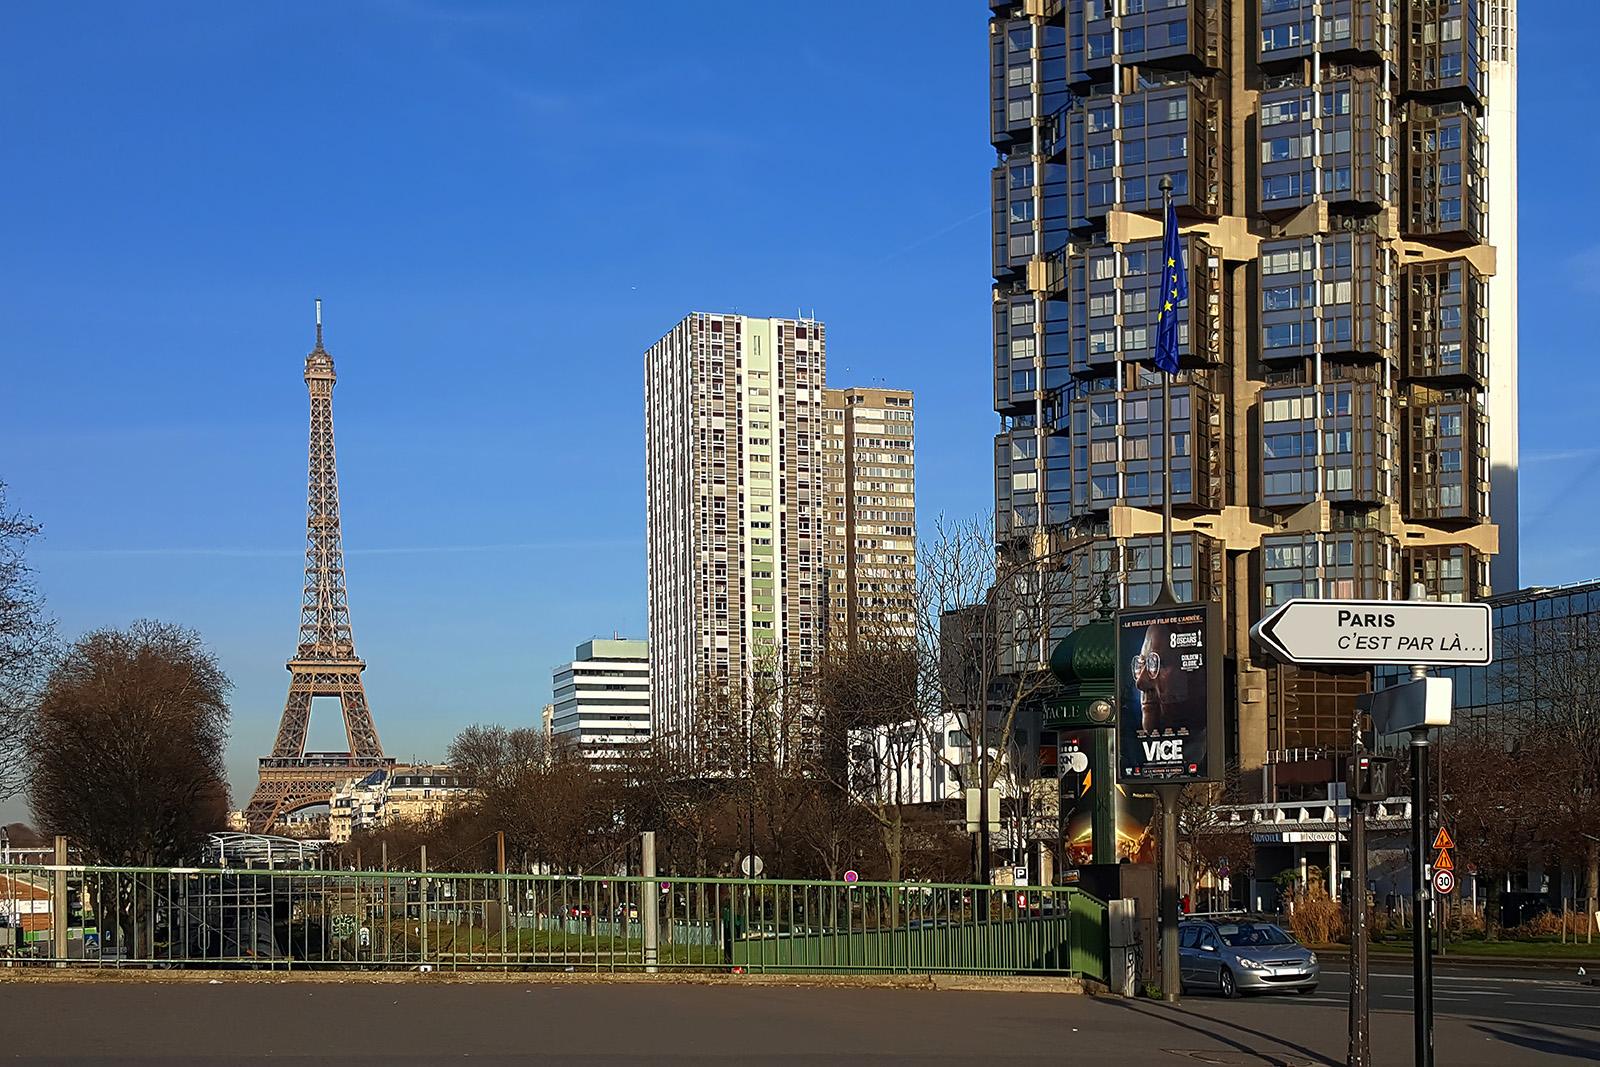 Paris, c'est par là. Pont de Grenelle, Paris